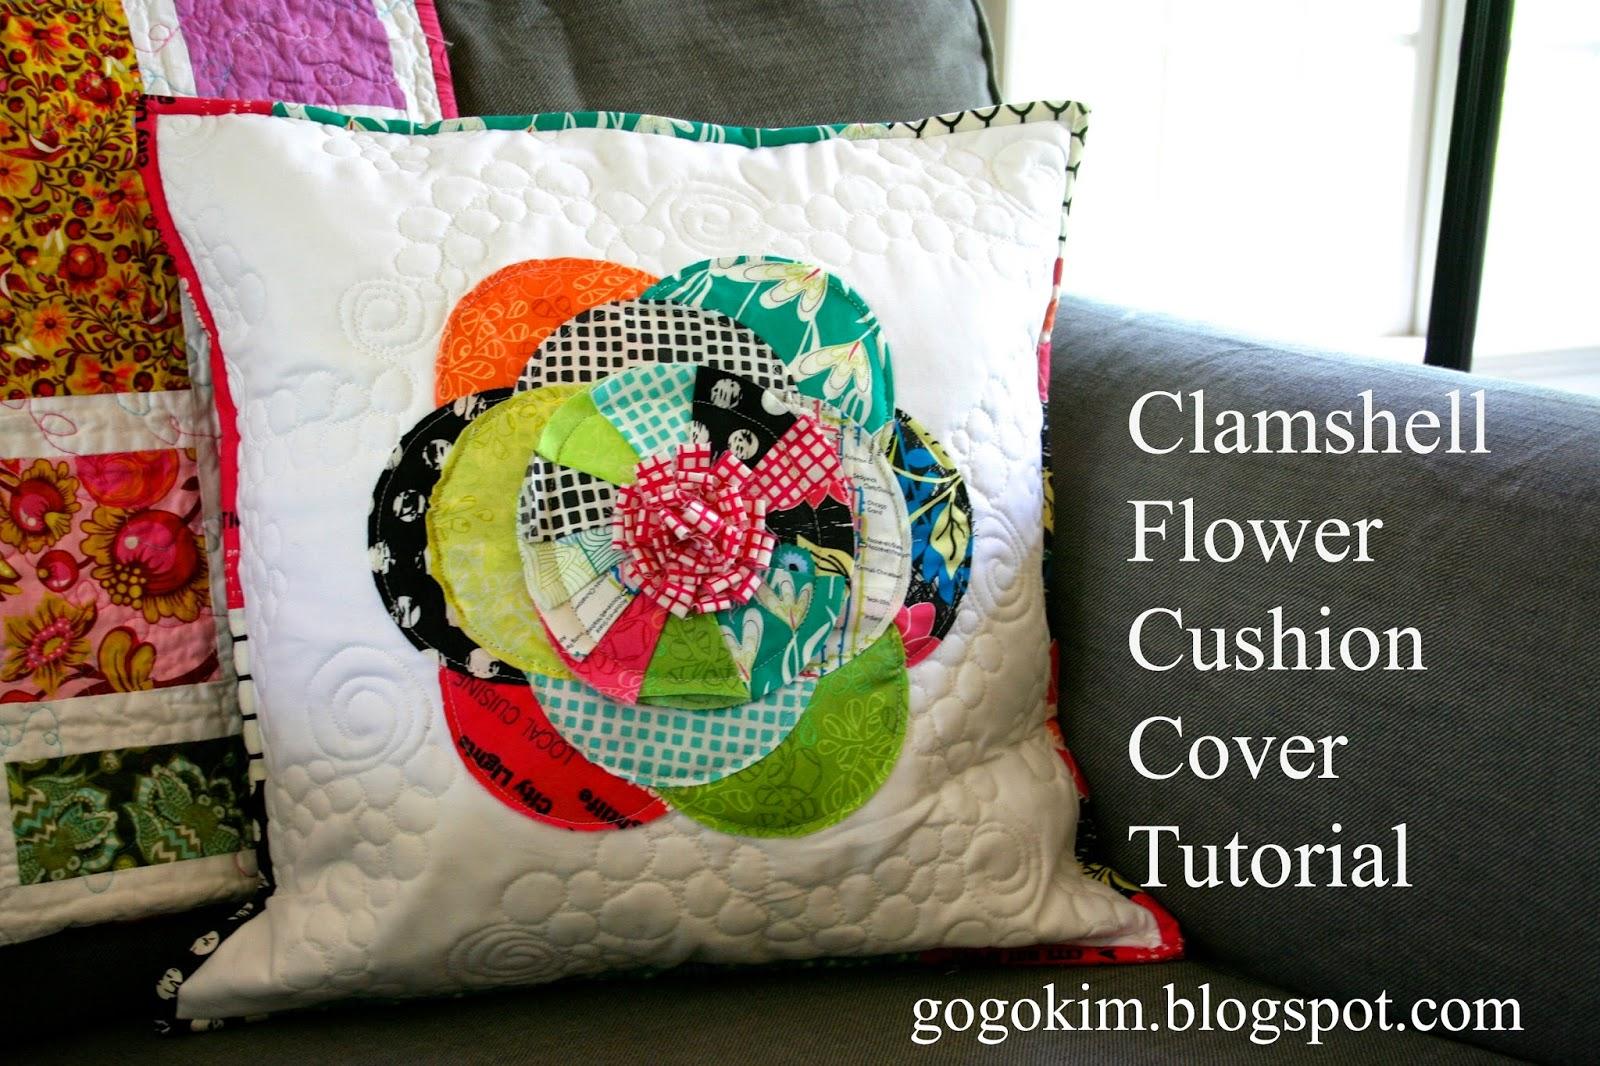 http://3.bp.blogspot.com/-TRoa4DNgGRc/U2Q3HDQn3QI/AAAAAAAAHiY/kZk8Jcvx7l8/s1600/clamshell+cushion+cover.jpg